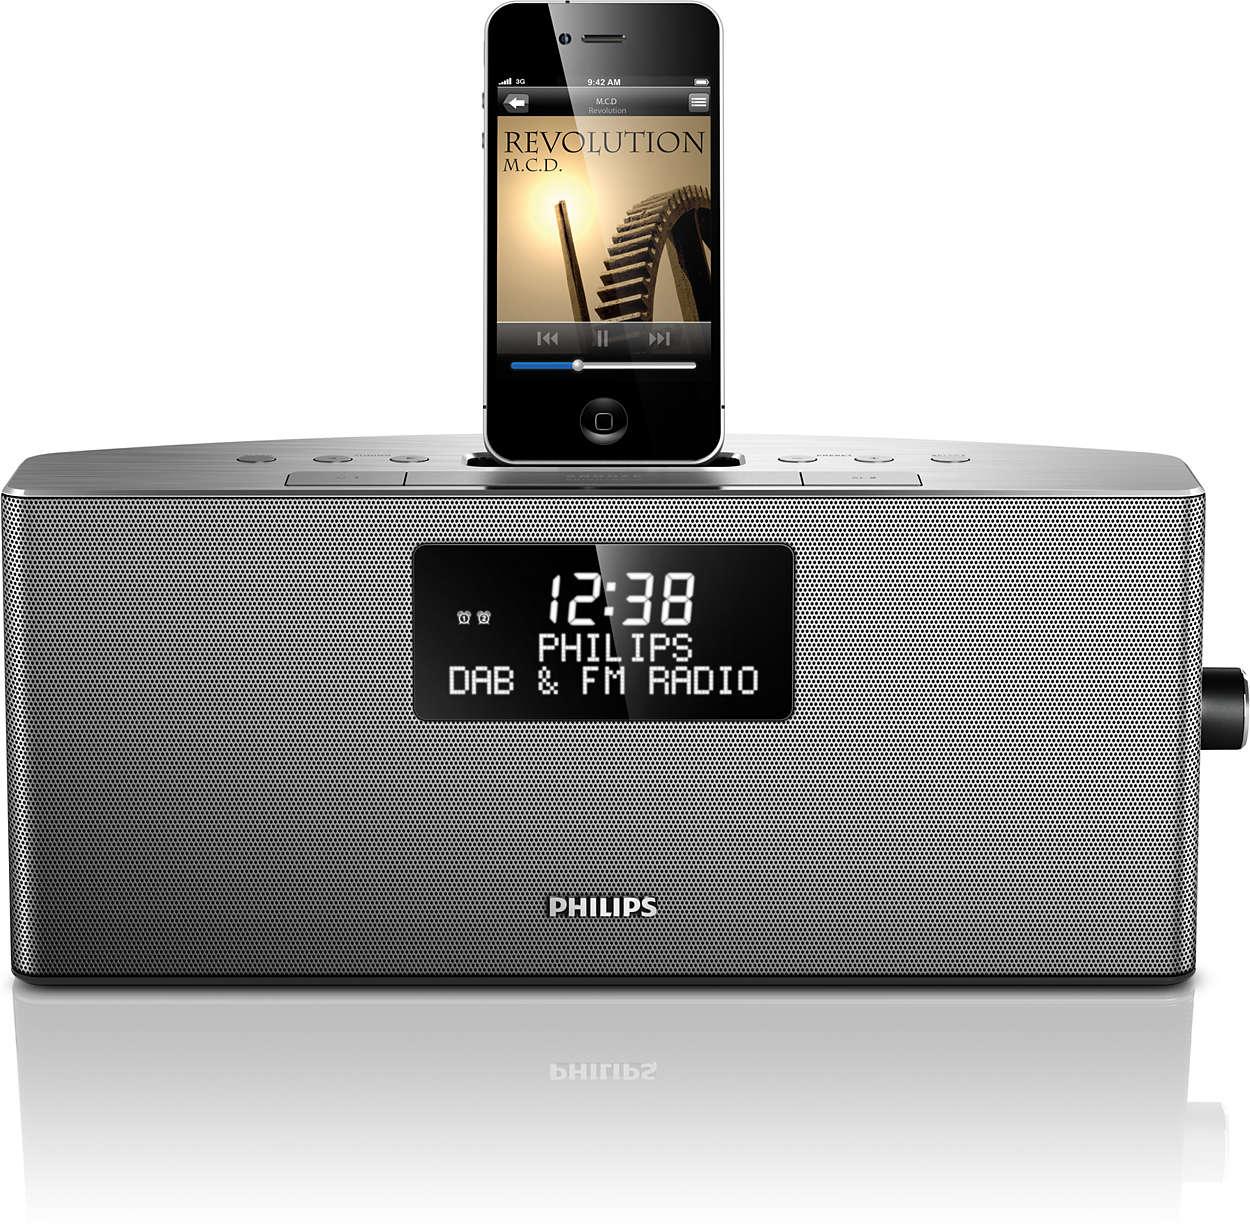 Élvezze az iPod/iPhone-ról és a DAB+ rádióból érkező zenét